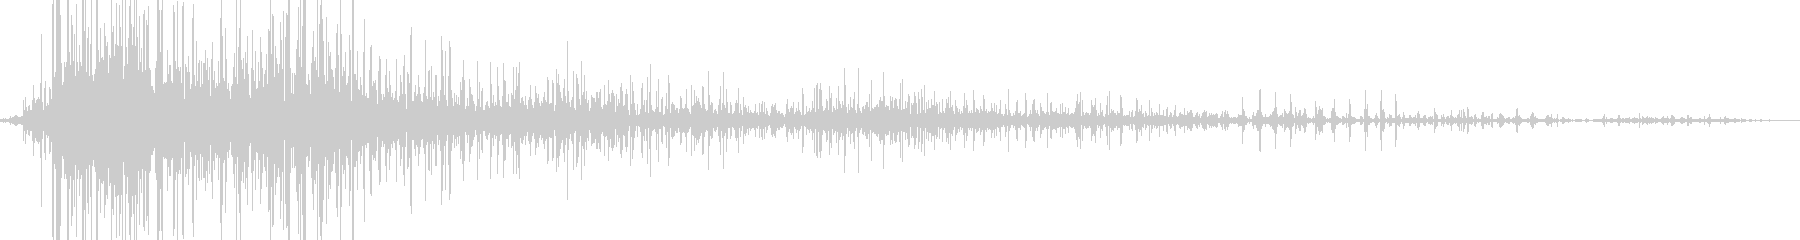 ピジョングループウィングフラップステディの未再生の波形